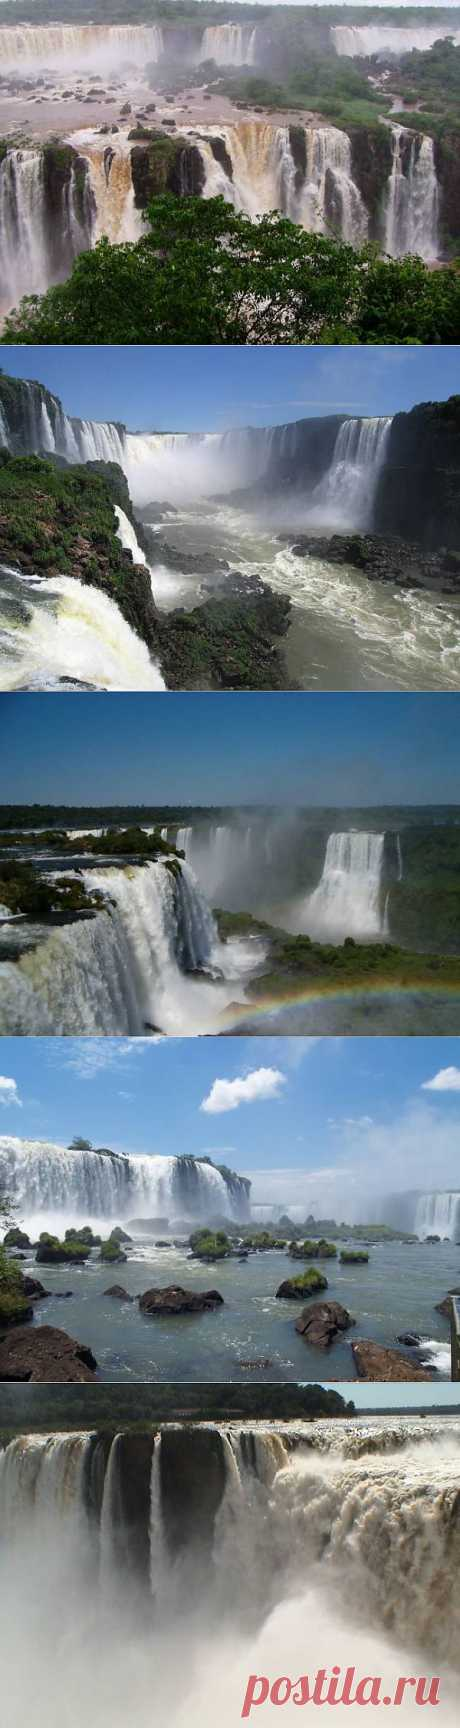 Удивительные водопады Игуасу | УДИВИТЕЛЬНОЕ